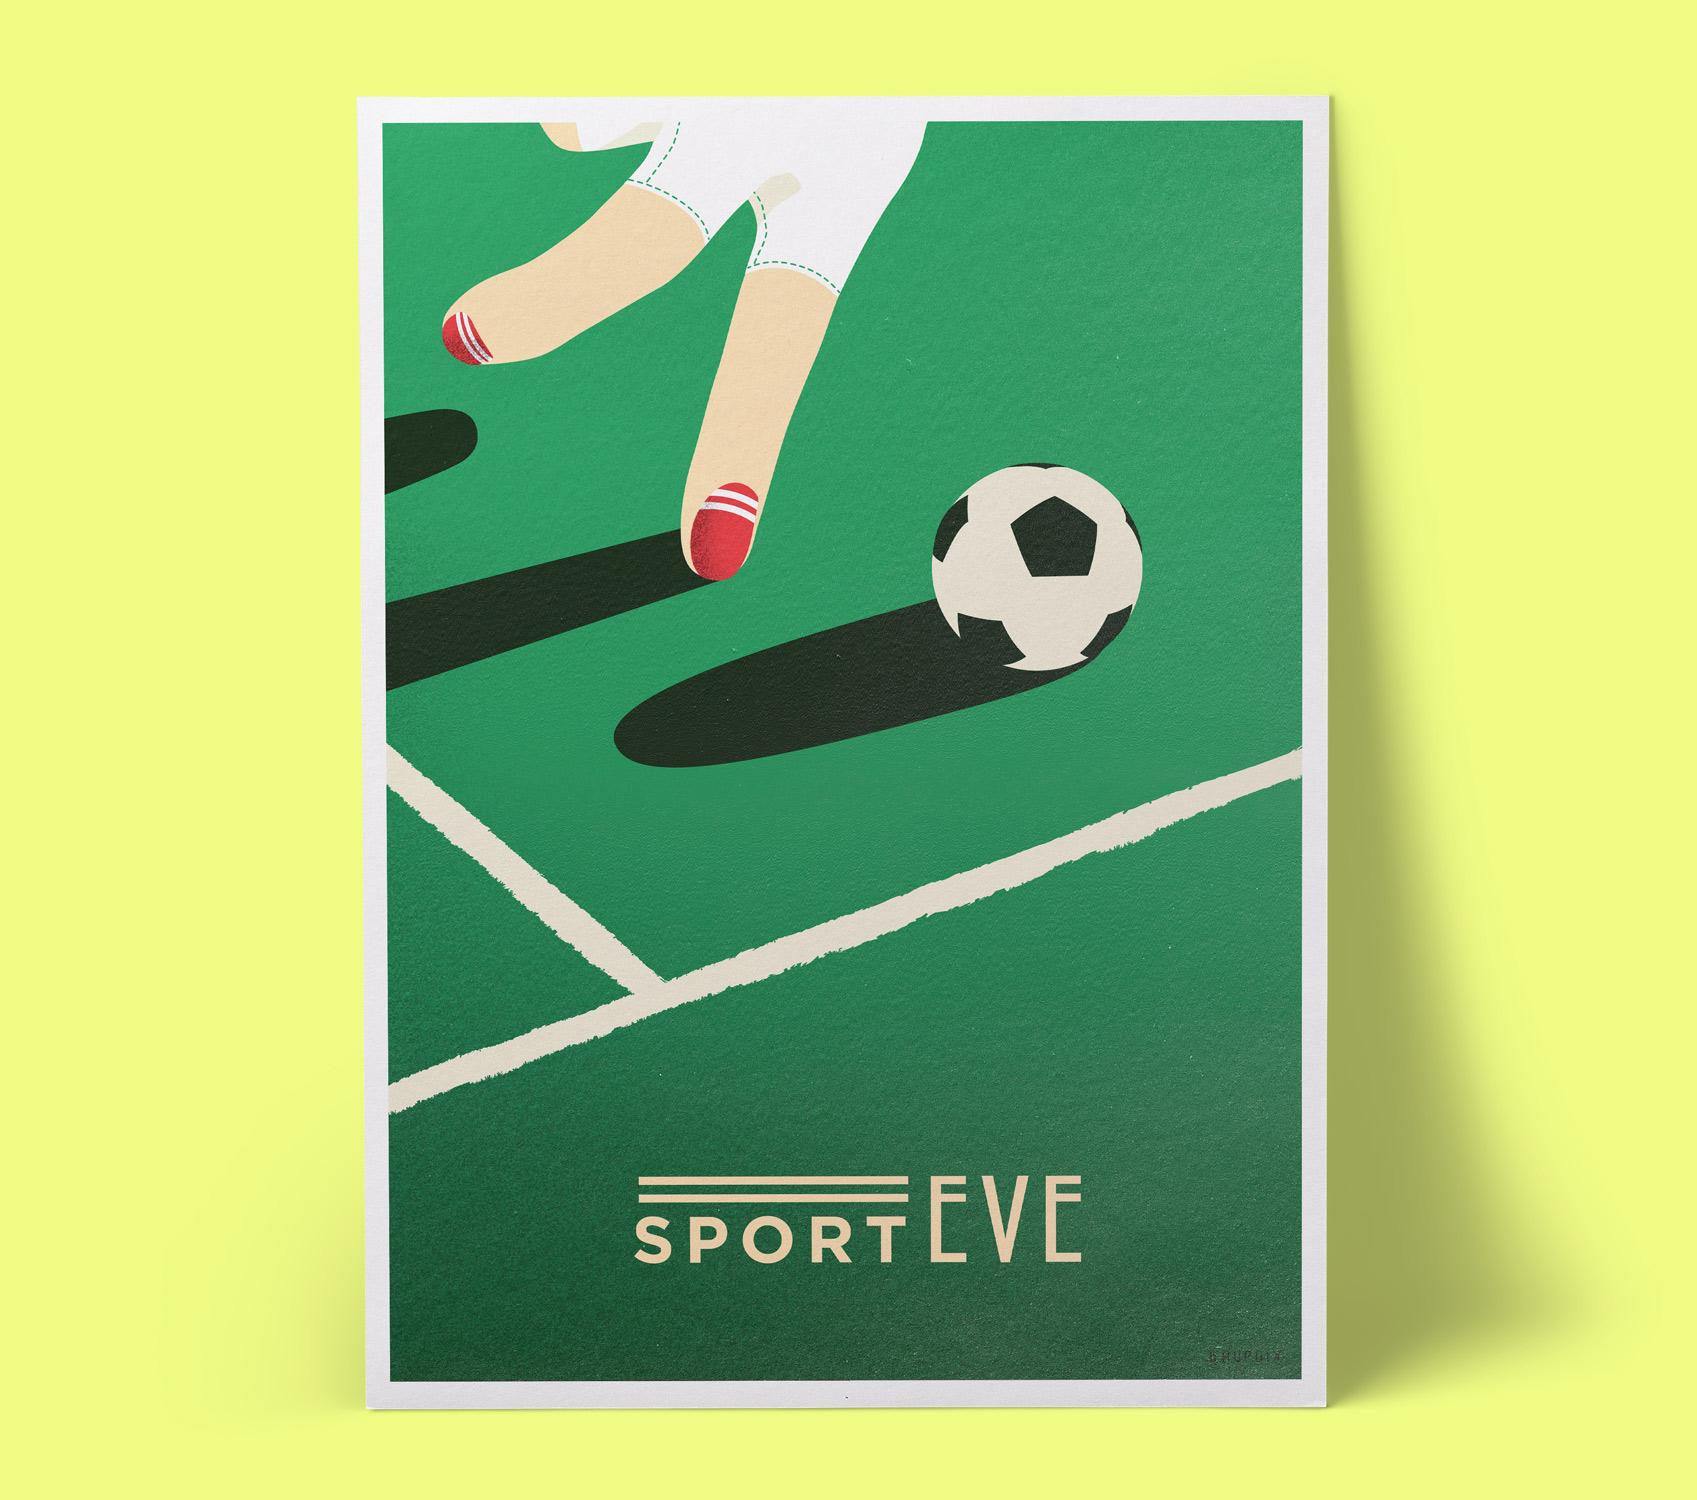 Sport_Eve